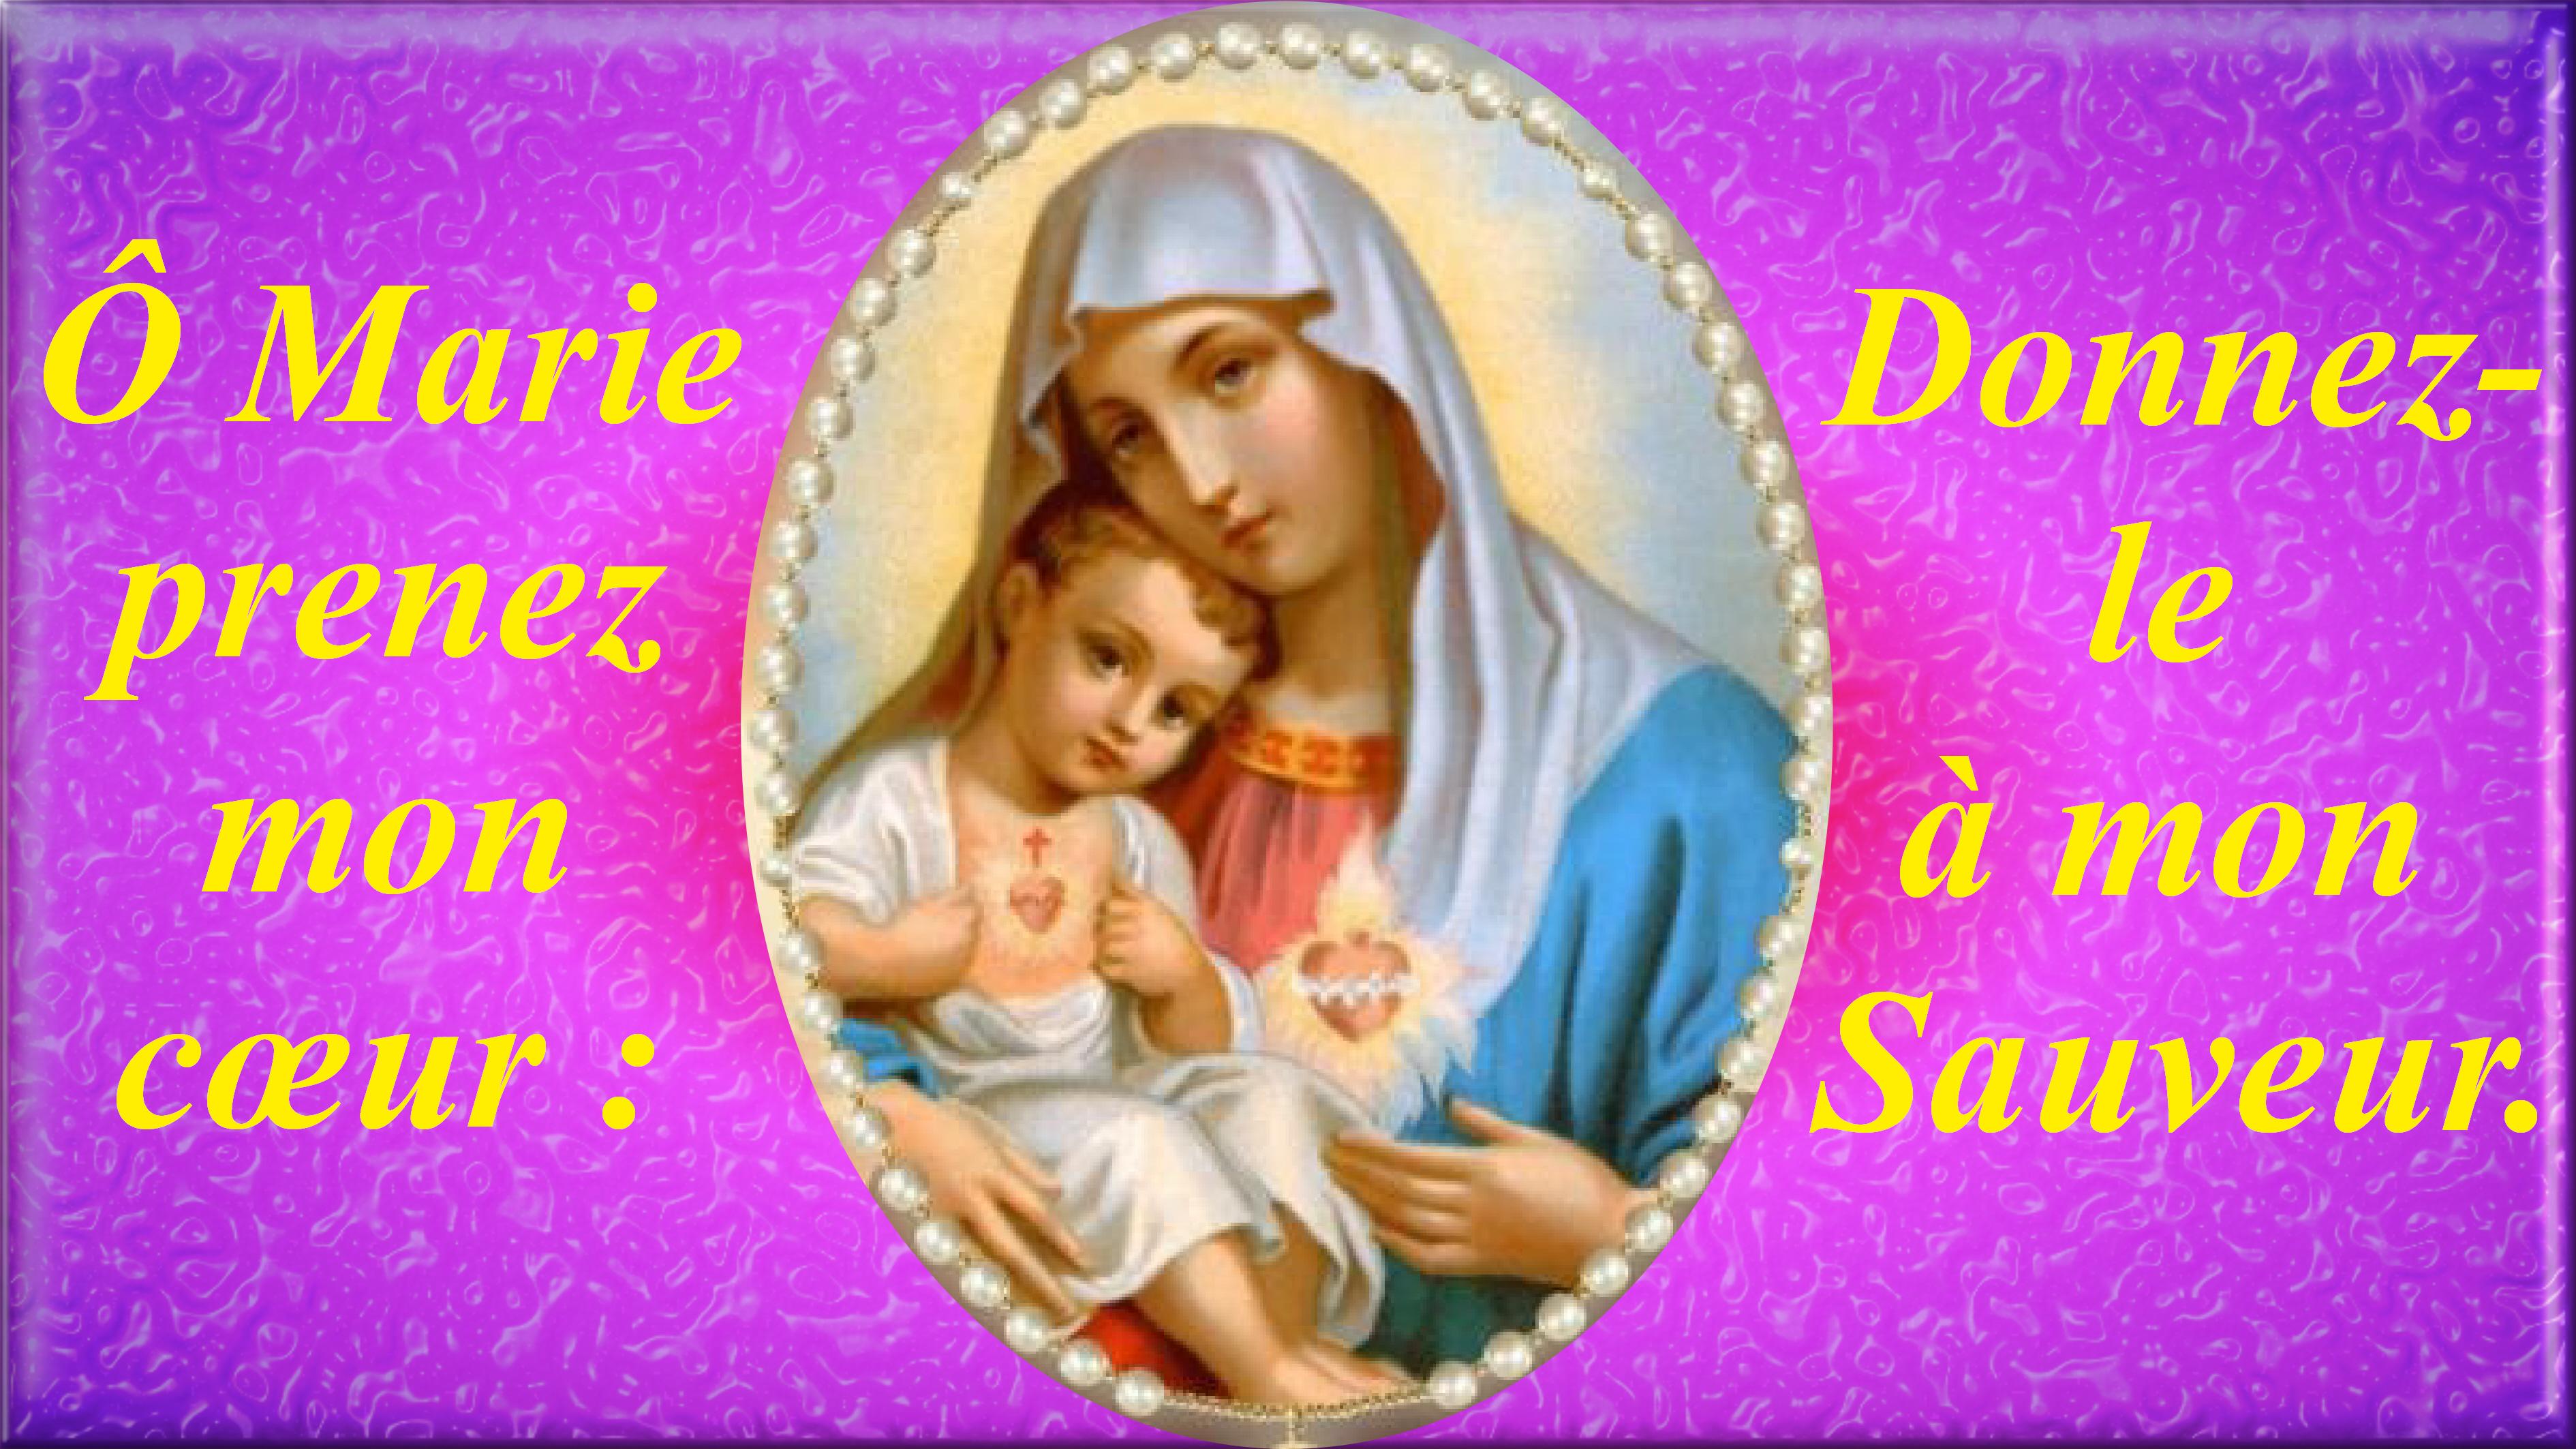 CALENDRIER CATHOLIQUE 2020 (Cantiques, Prières & Images) Les-deux-coeurs-u...de-marie-558db72